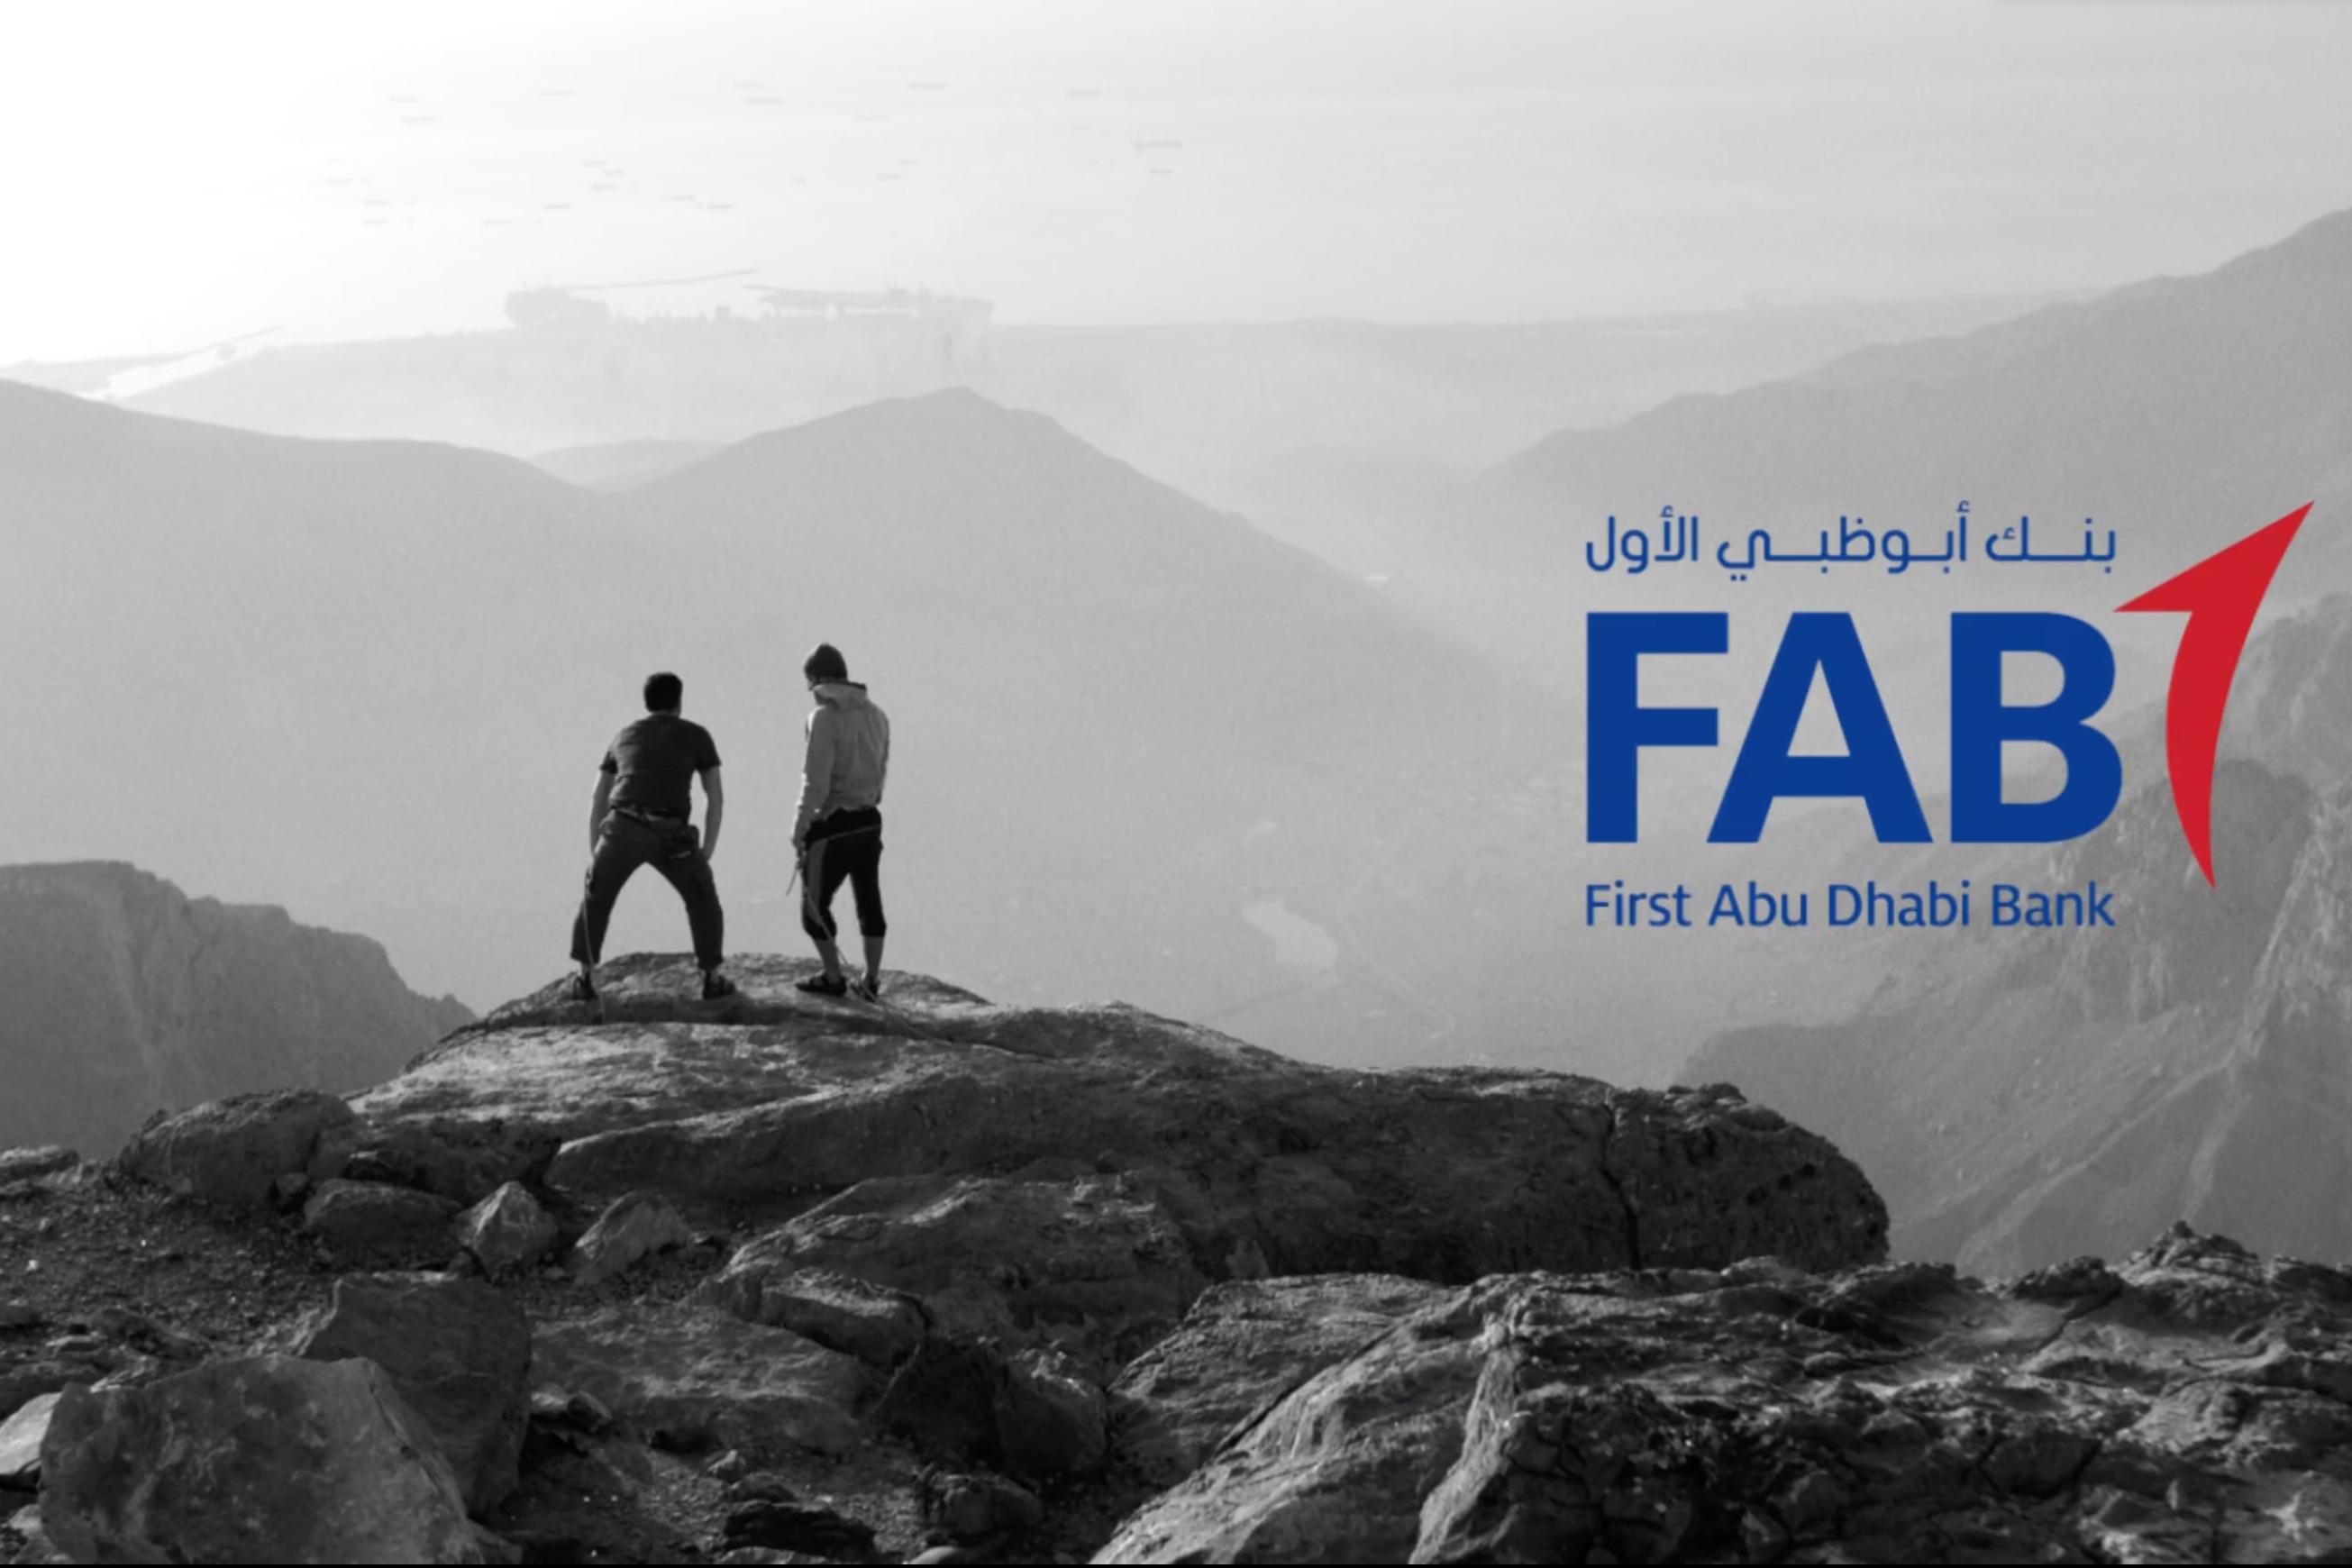 First Abu Dhabi Bank: Mountain